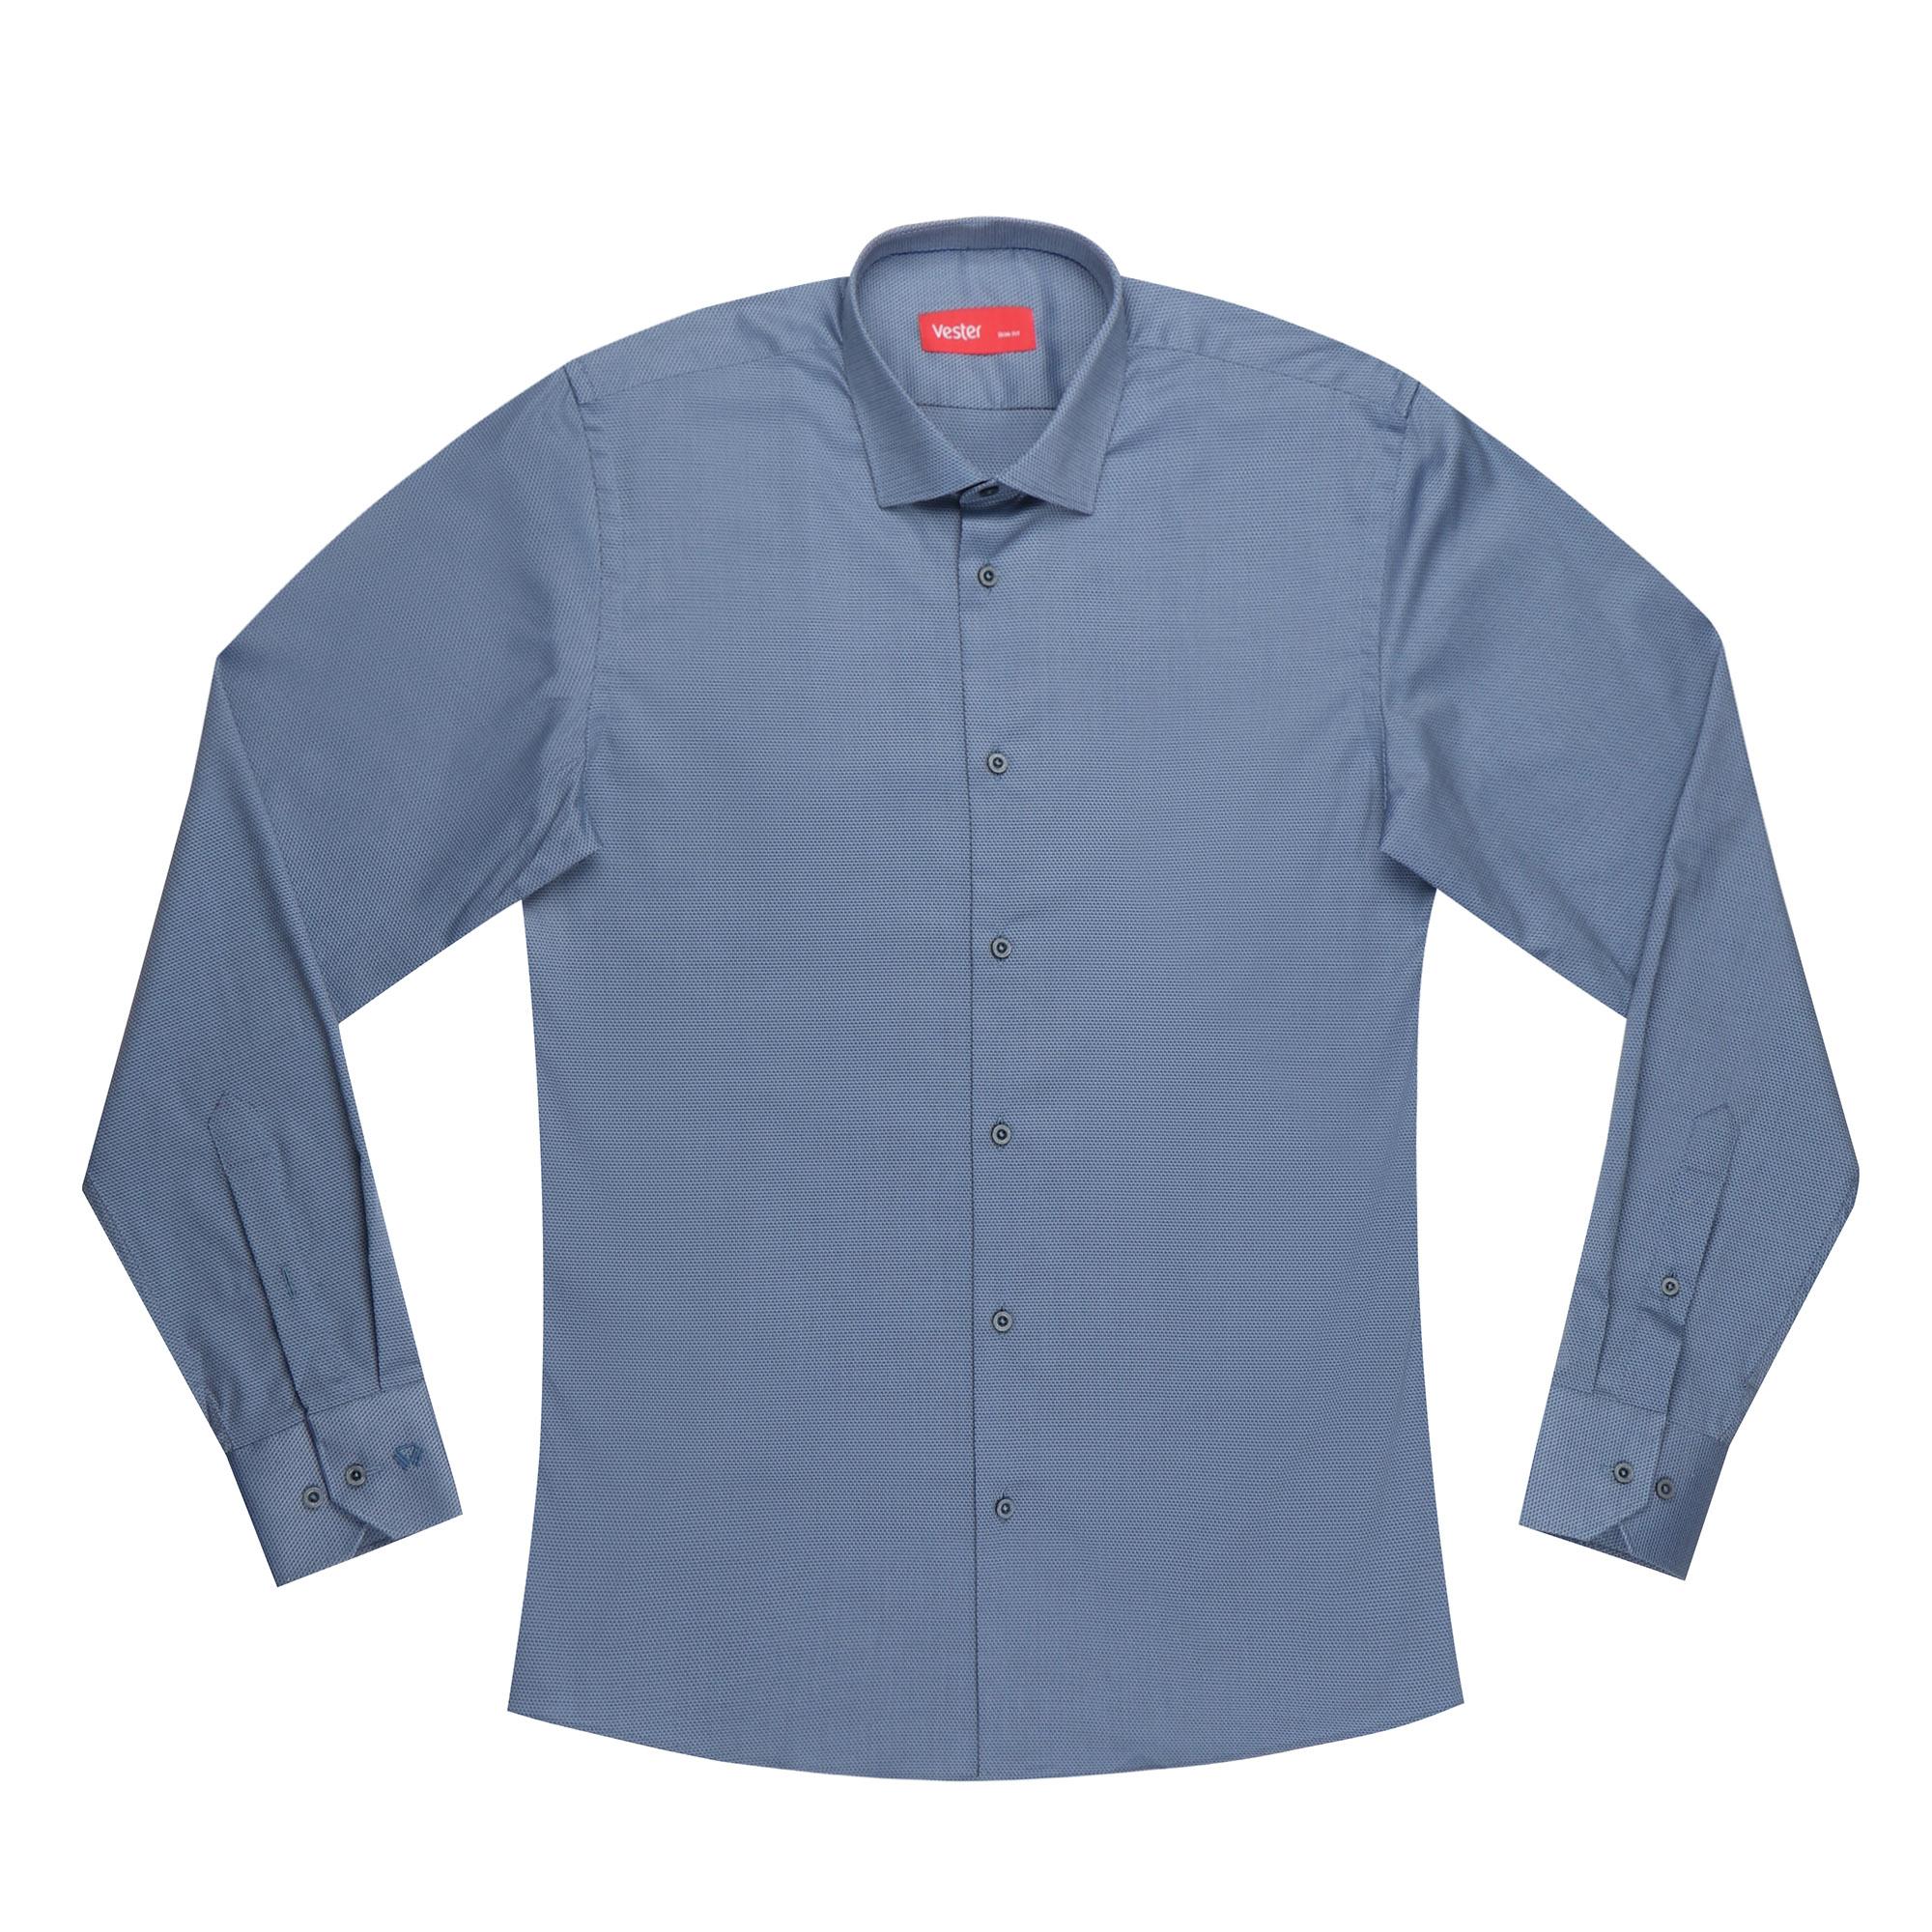 Сорочка приталенная Vester 12918 39S 182-188 синяя фото